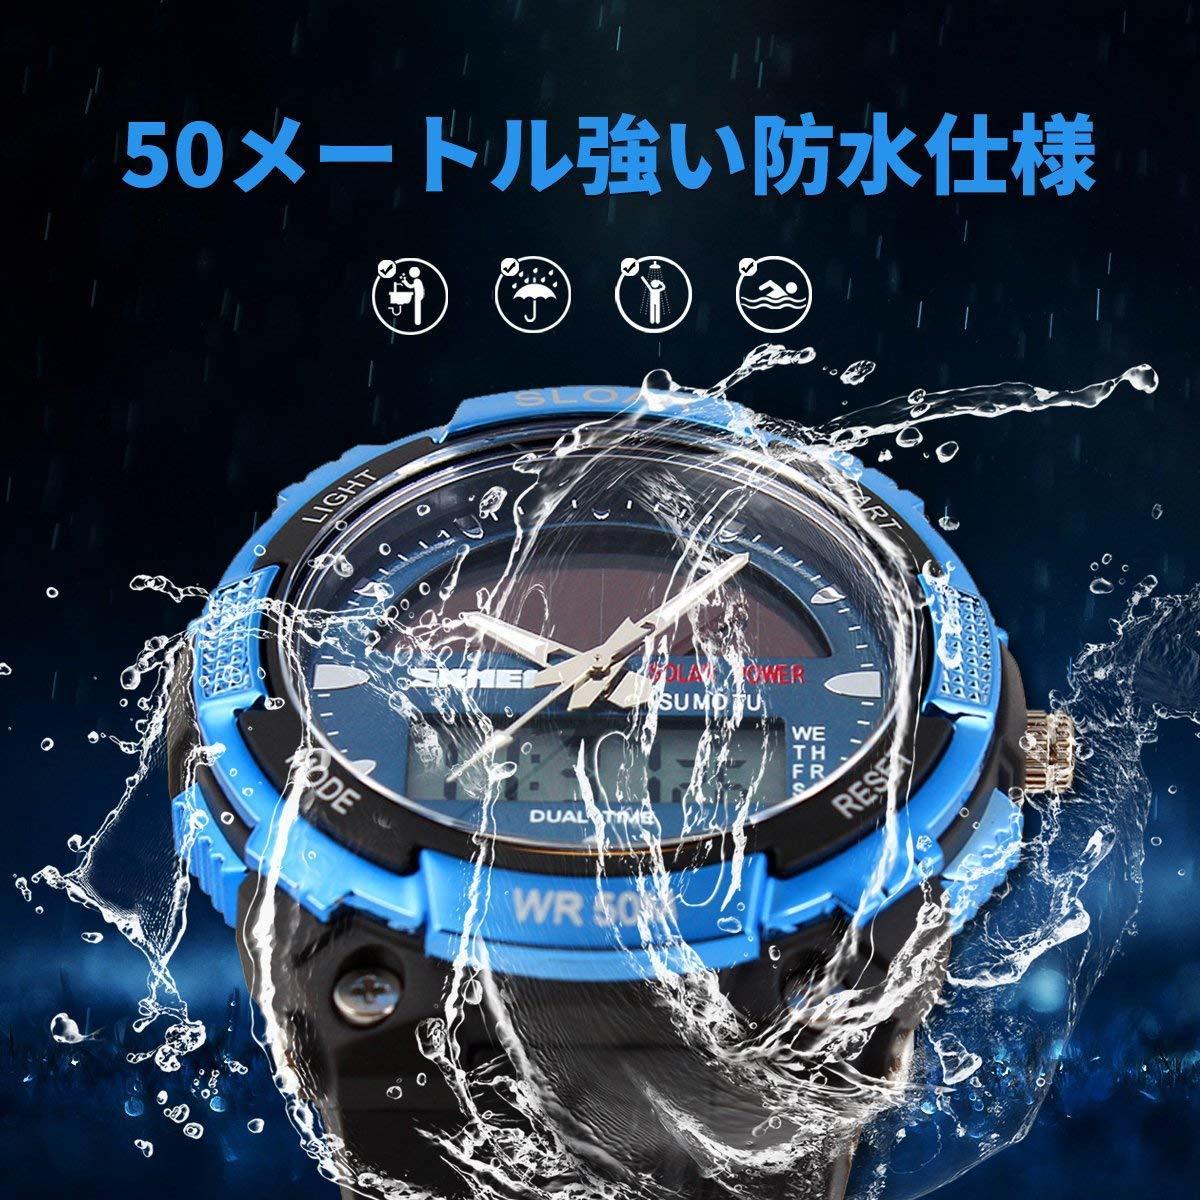 49blue ソーラー腕時計 メンズ デジアナウォッチ スポーツ 人気ブランド おしゃれ ファション クロノグラフ シリコン [_画像3